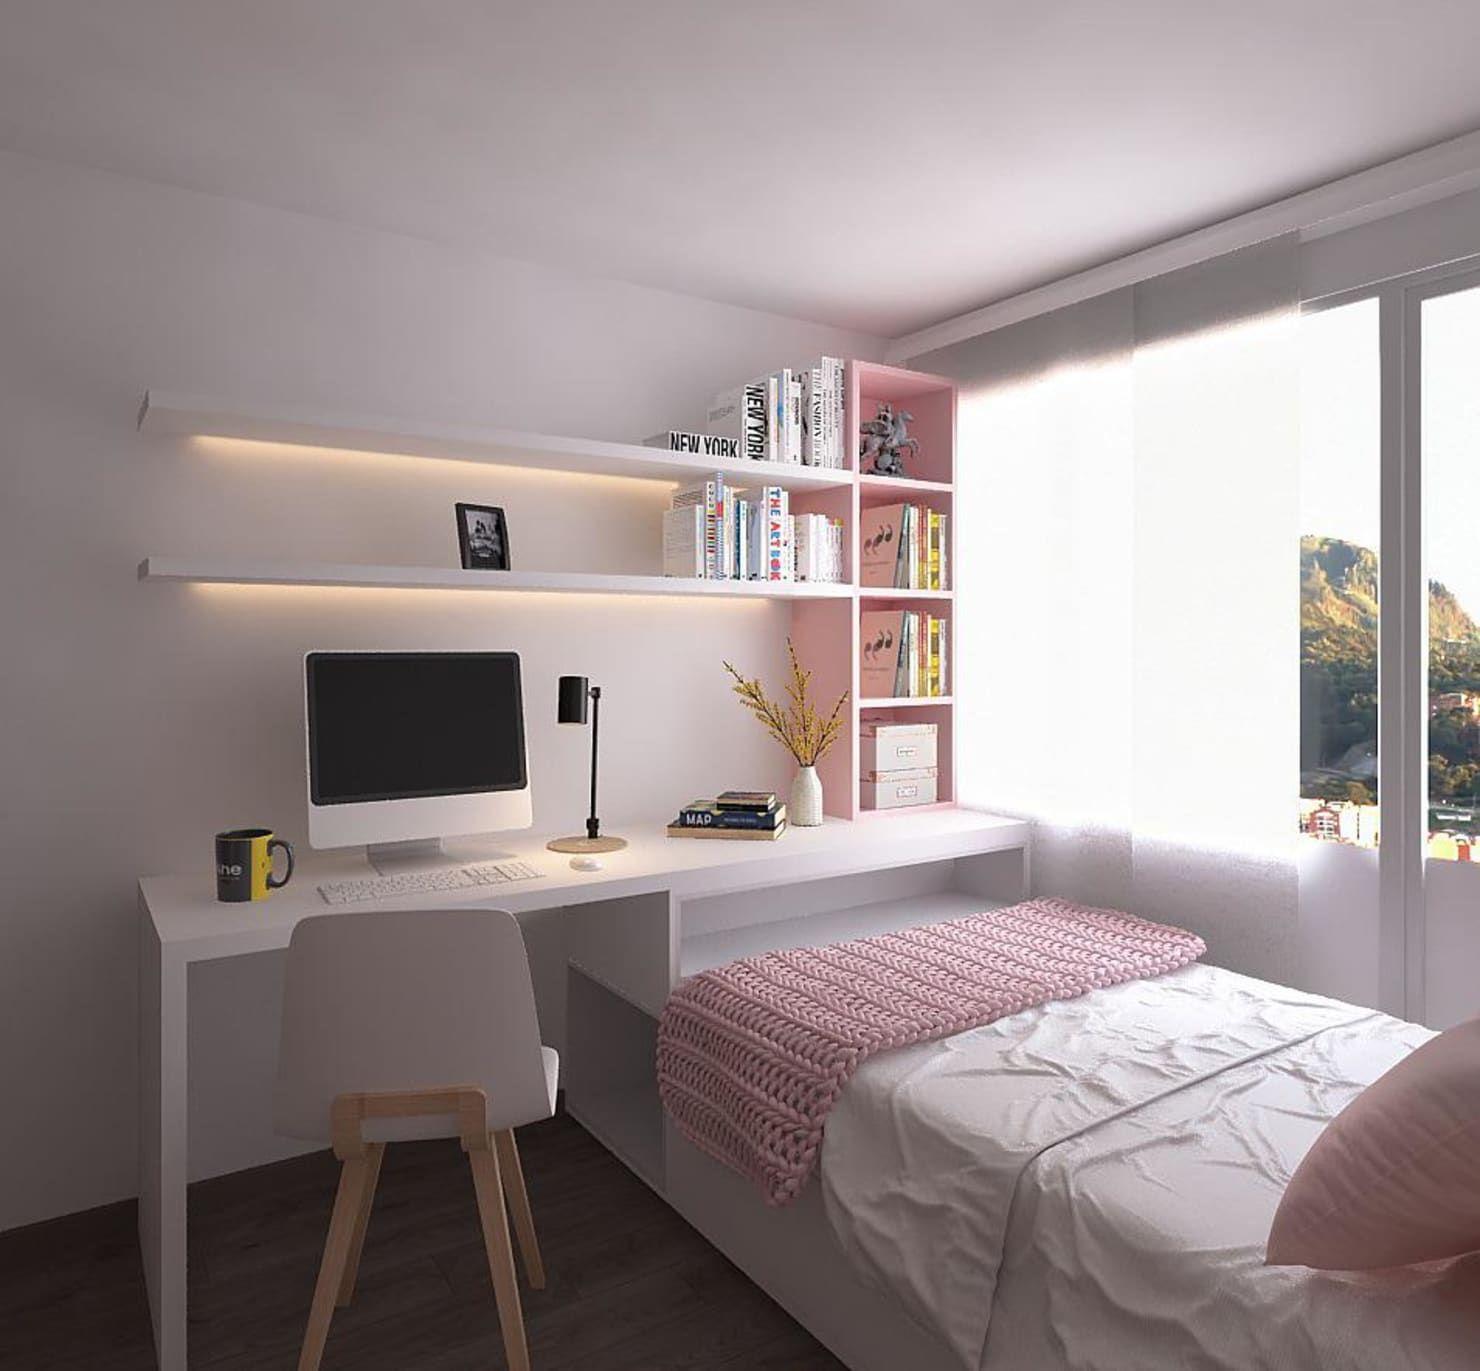 Nội thất phòng ngủ nhỏ màu hồng cho trẻ em